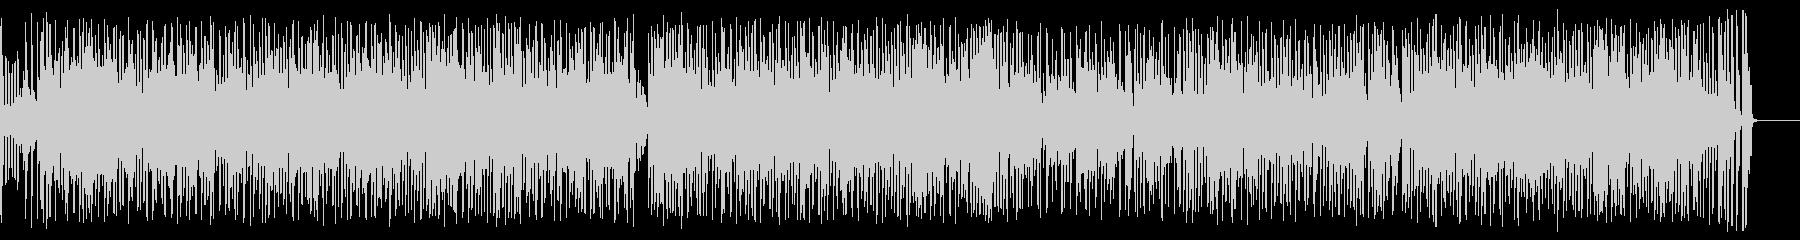 [SAX・フルート生演奏]明るく楽しい曲の未再生の波形